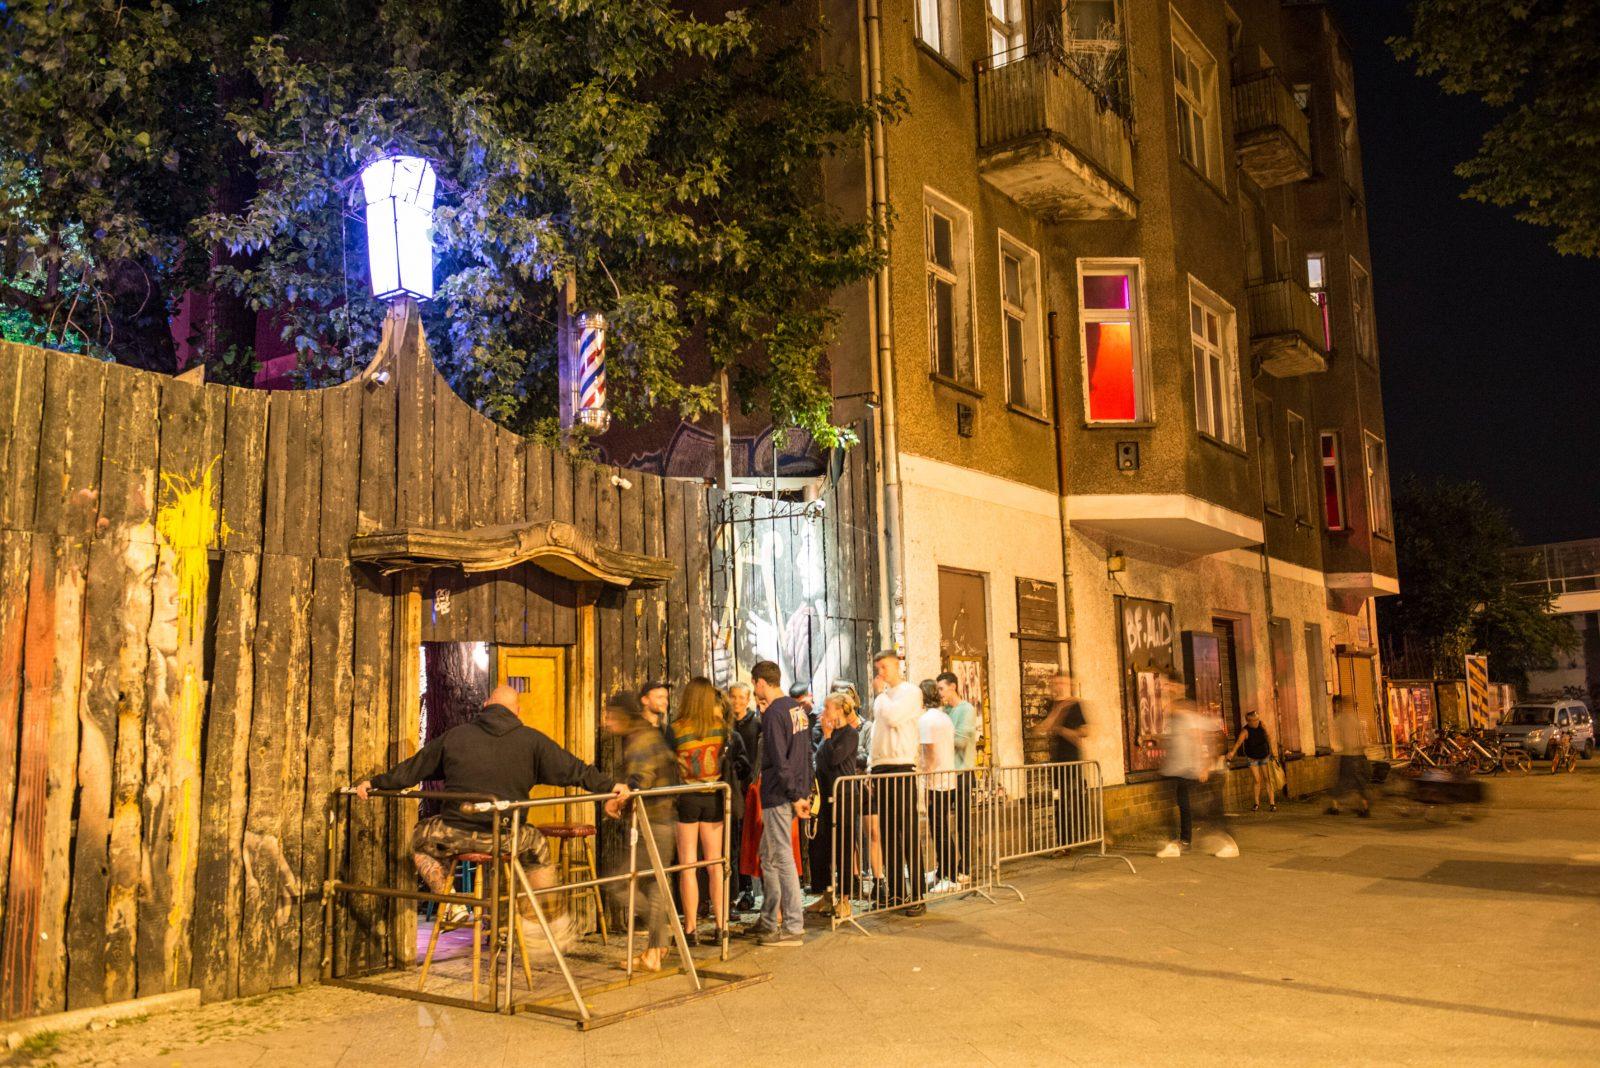 Die Clubs in Berlin öffnen wieder ihre Gärten, darunter die Wilde Renate.